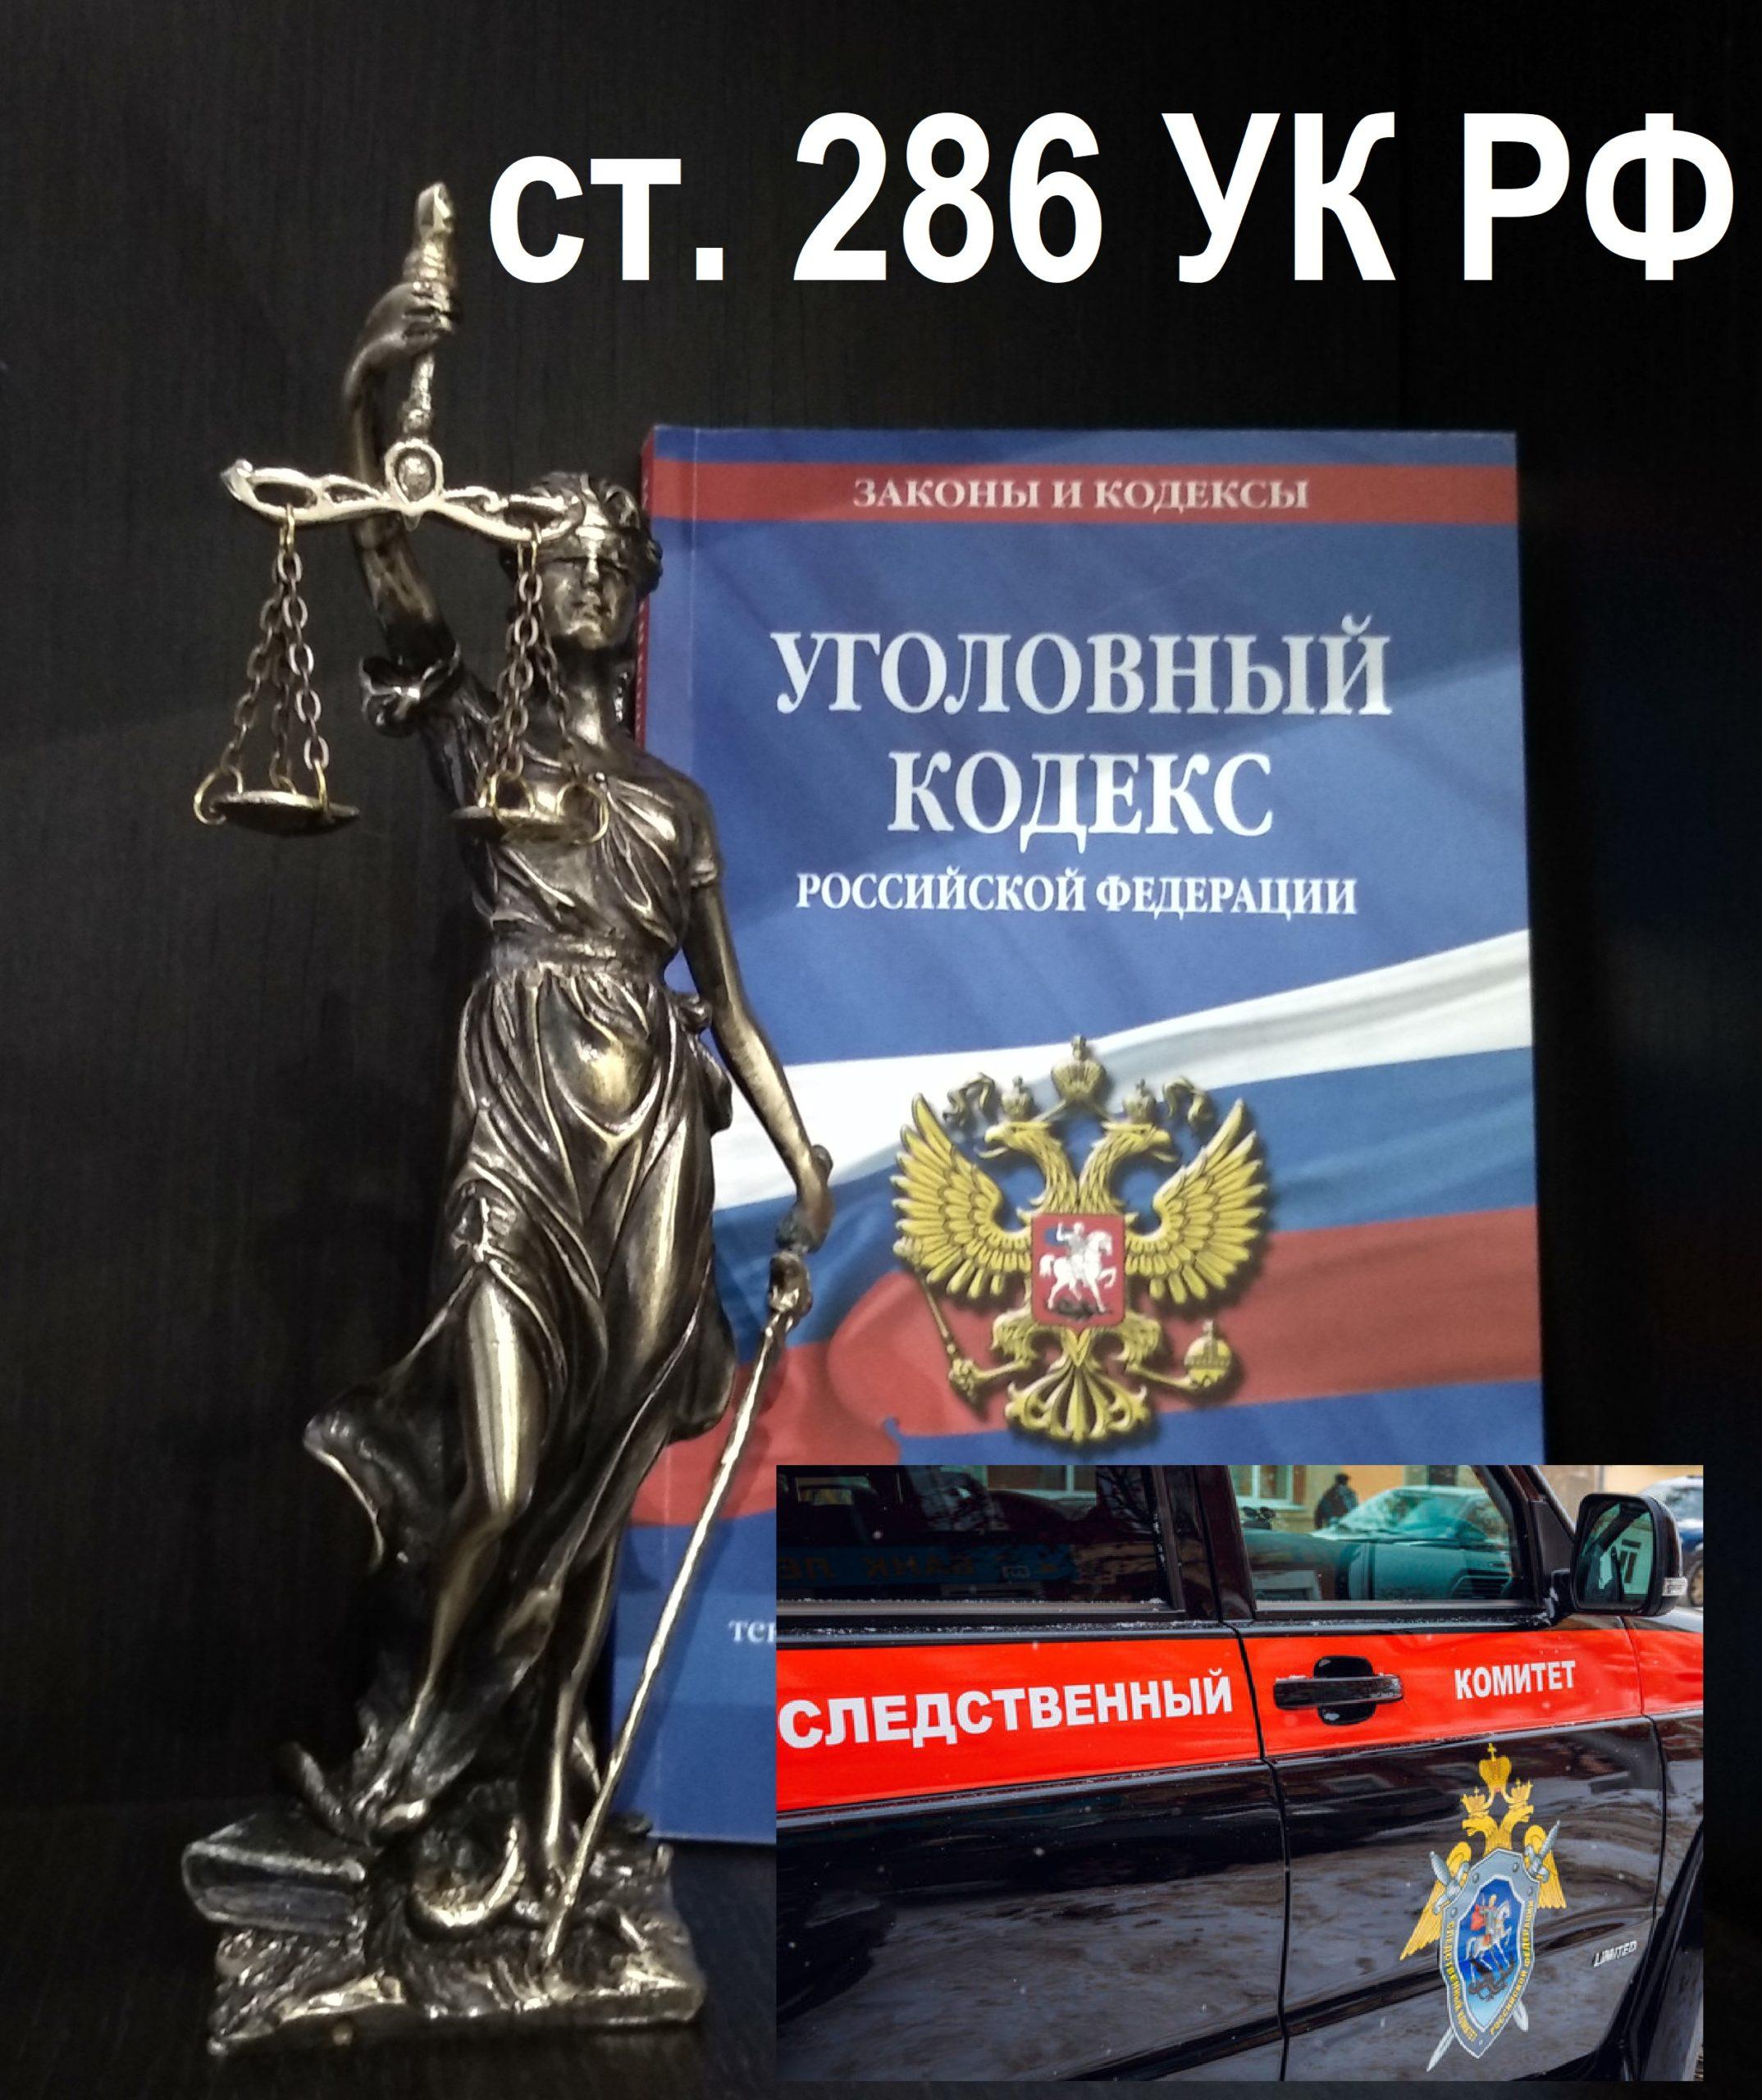 Адвокат по ст. 286 УК РФ Превышение должностных полномочий